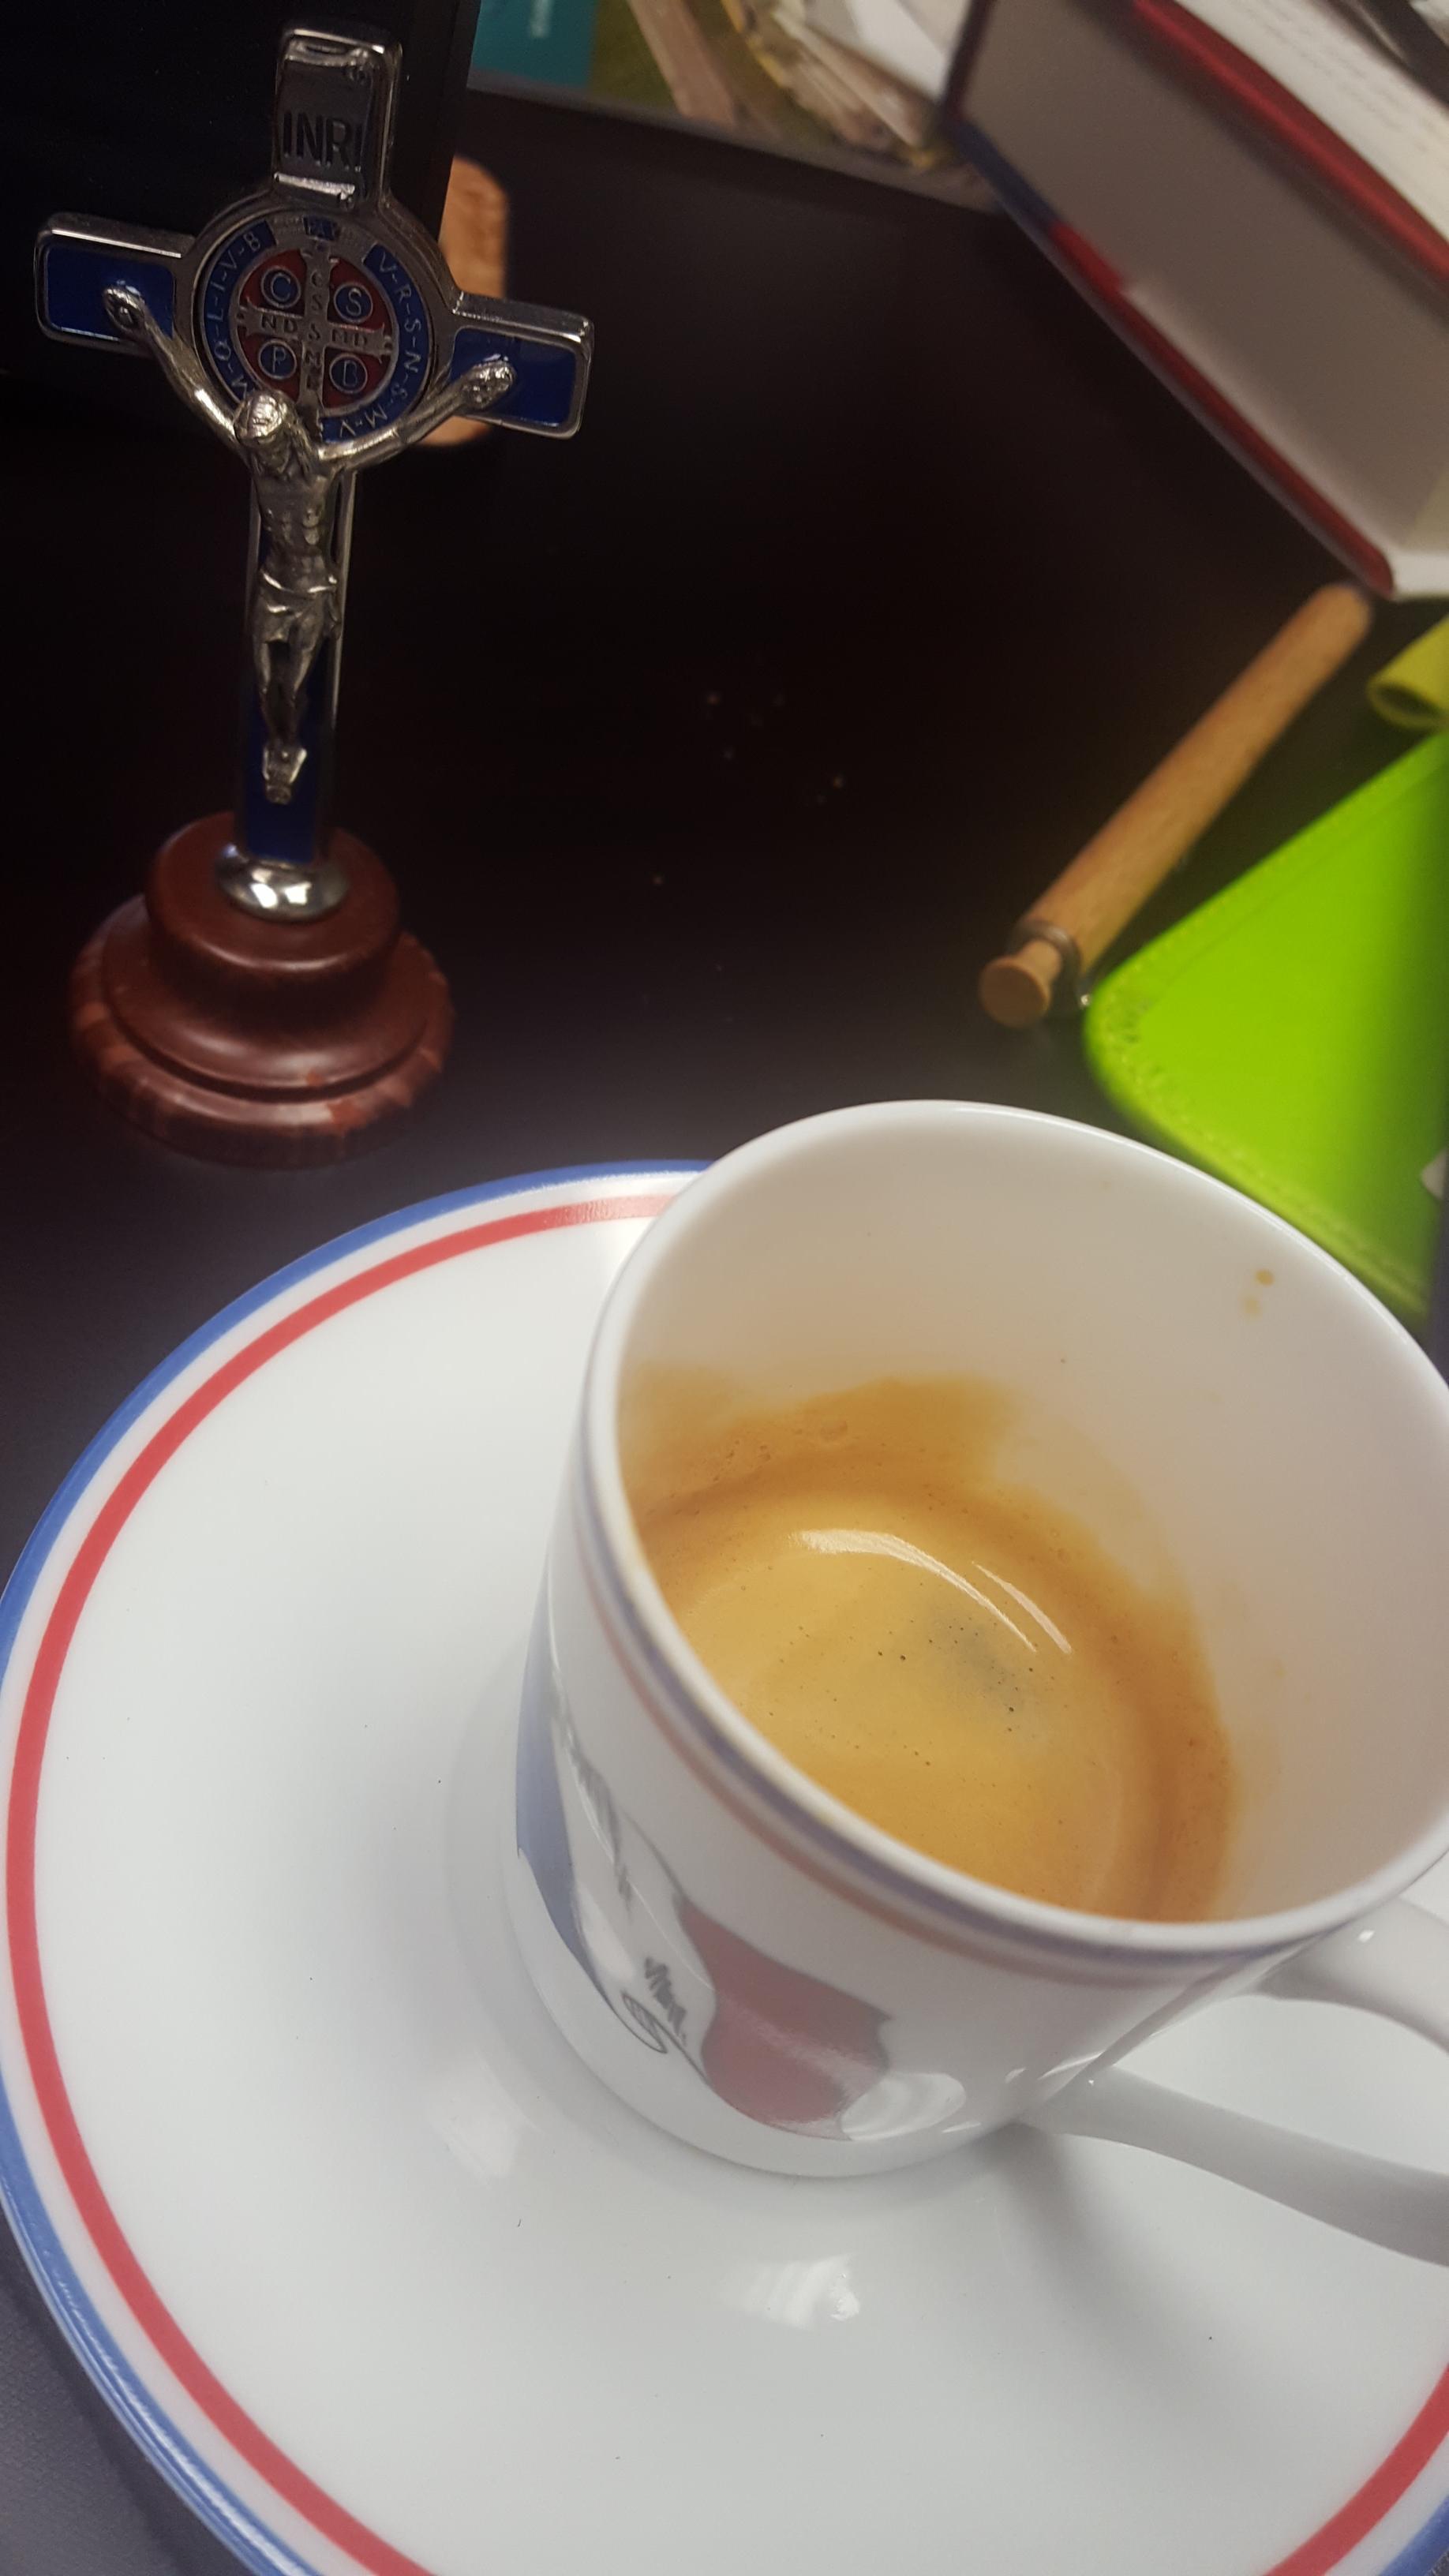 edinatlanta's photos in Lets talk about COFFEE